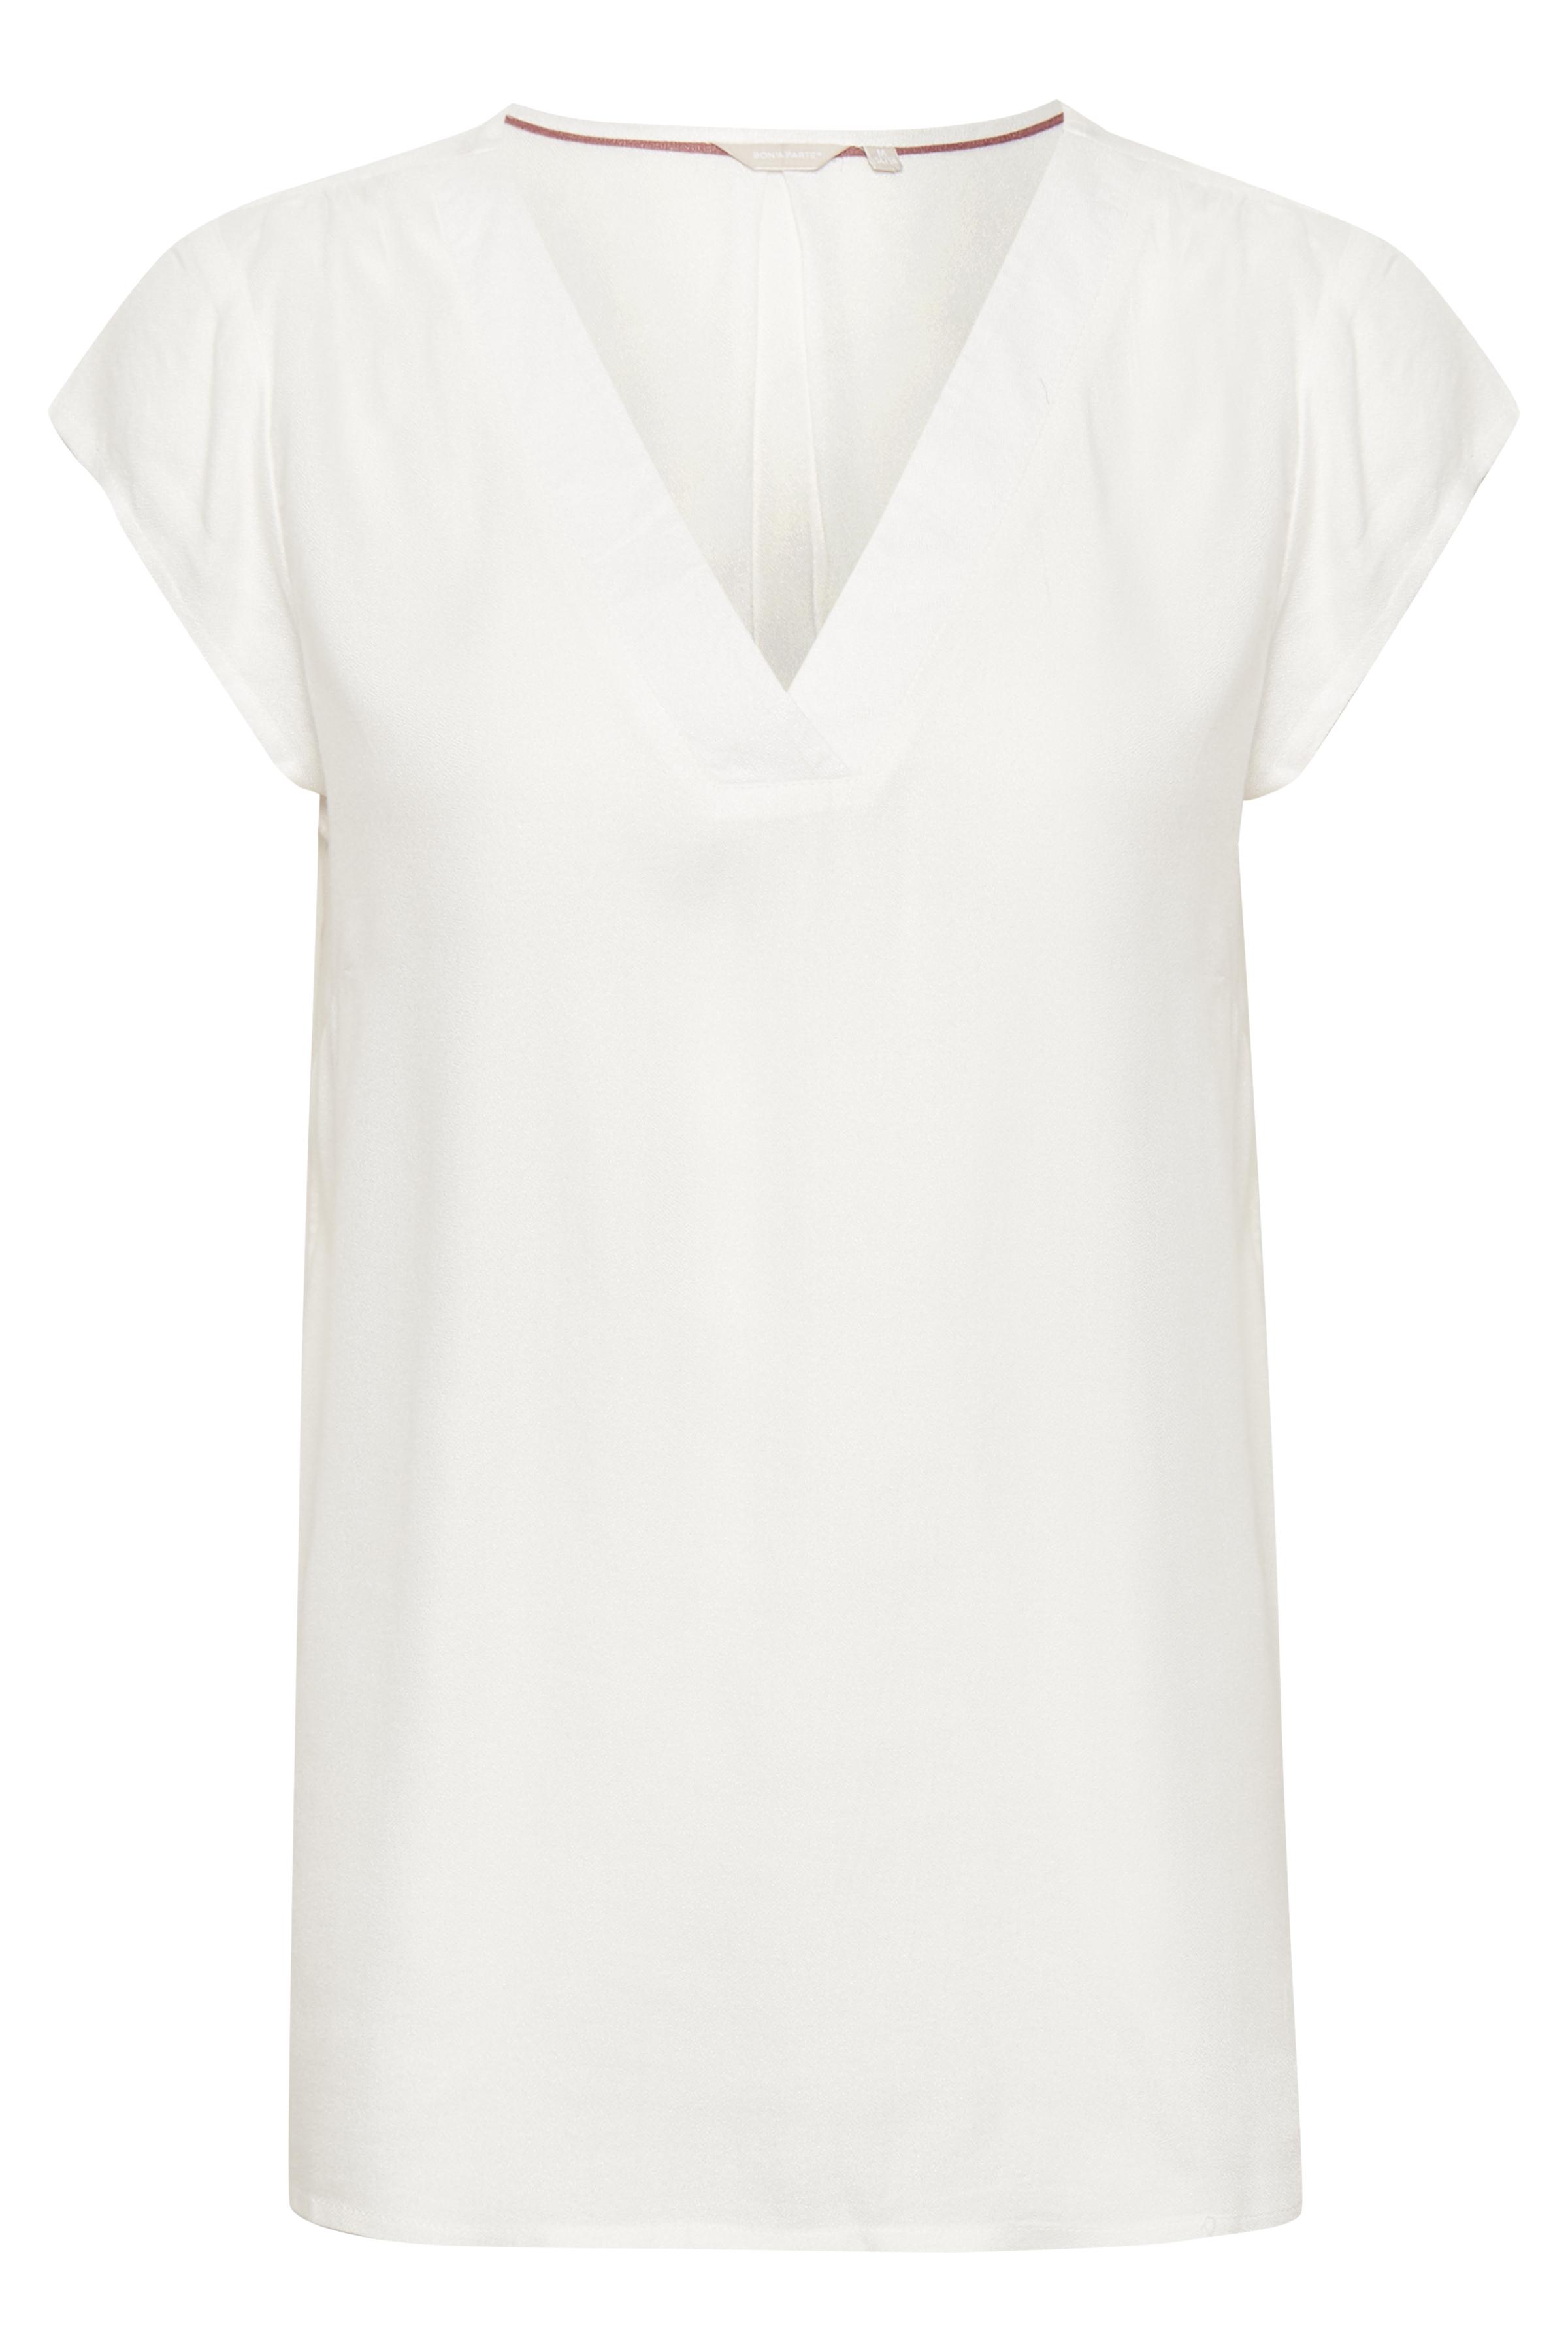 Off-white Korte mouwen shirt  van Bon'A Parte – Door Off-white Korte mouwen shirt  van maat. S-2XL hier